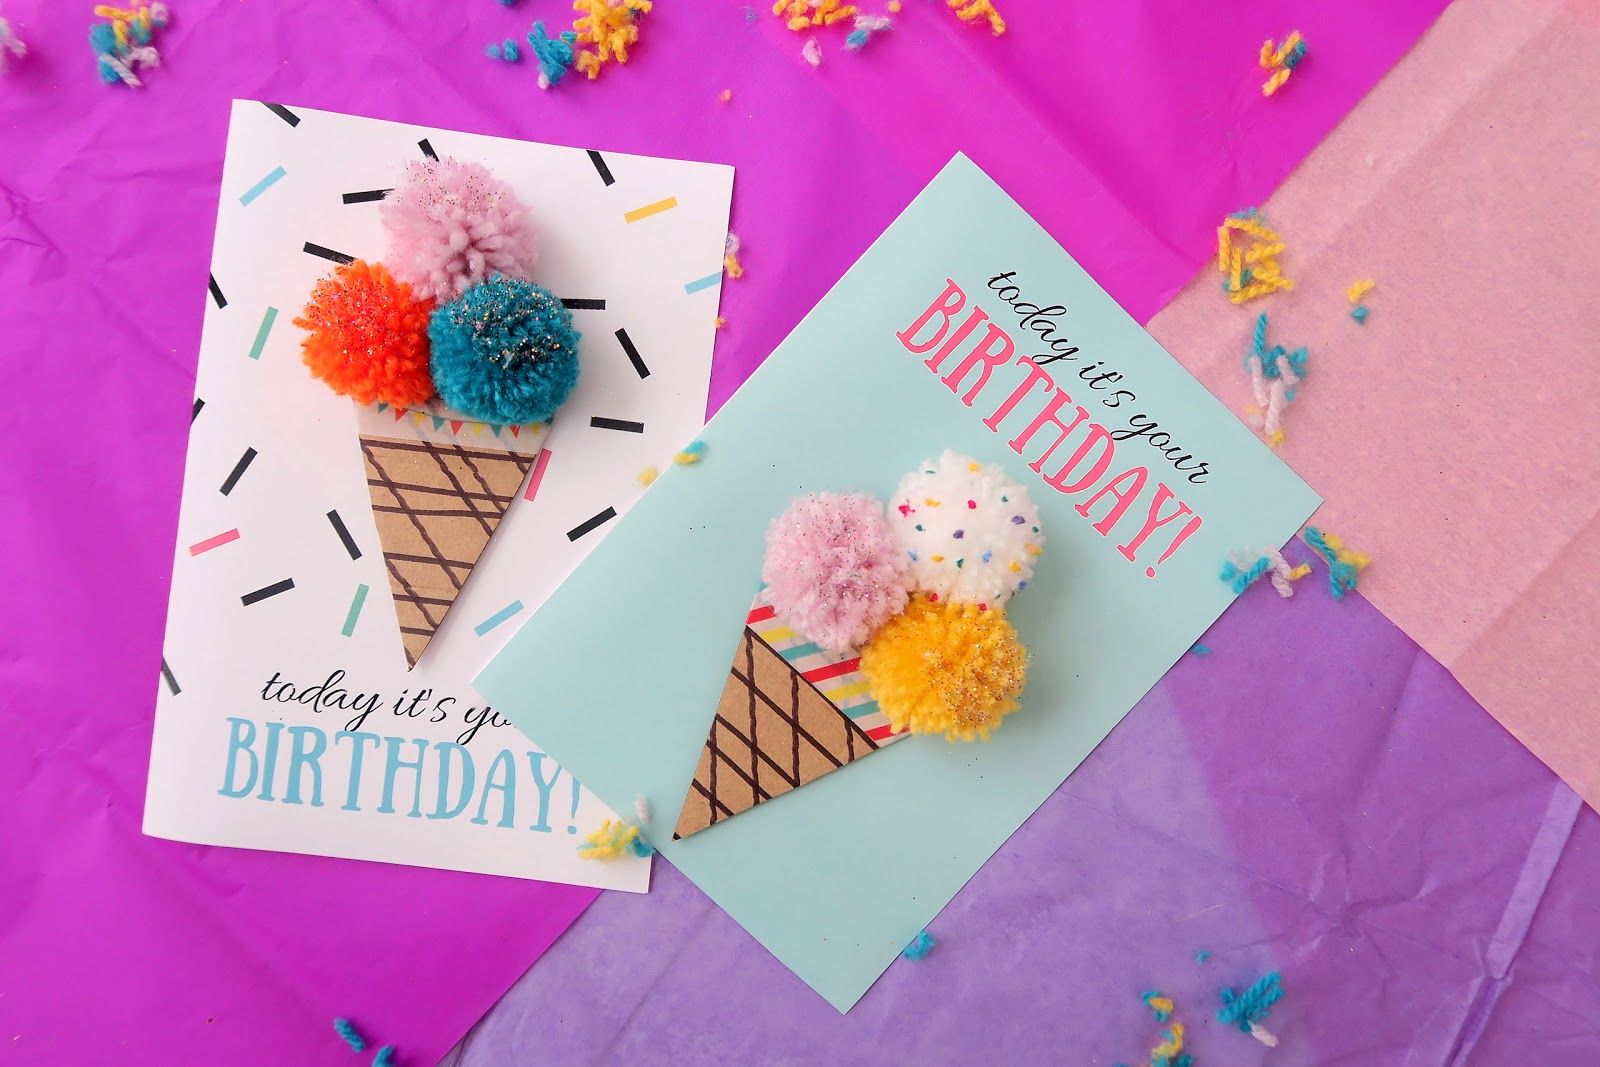 Анимация картинка, креативная открытка своими руками на день рождения подруге 30 лет